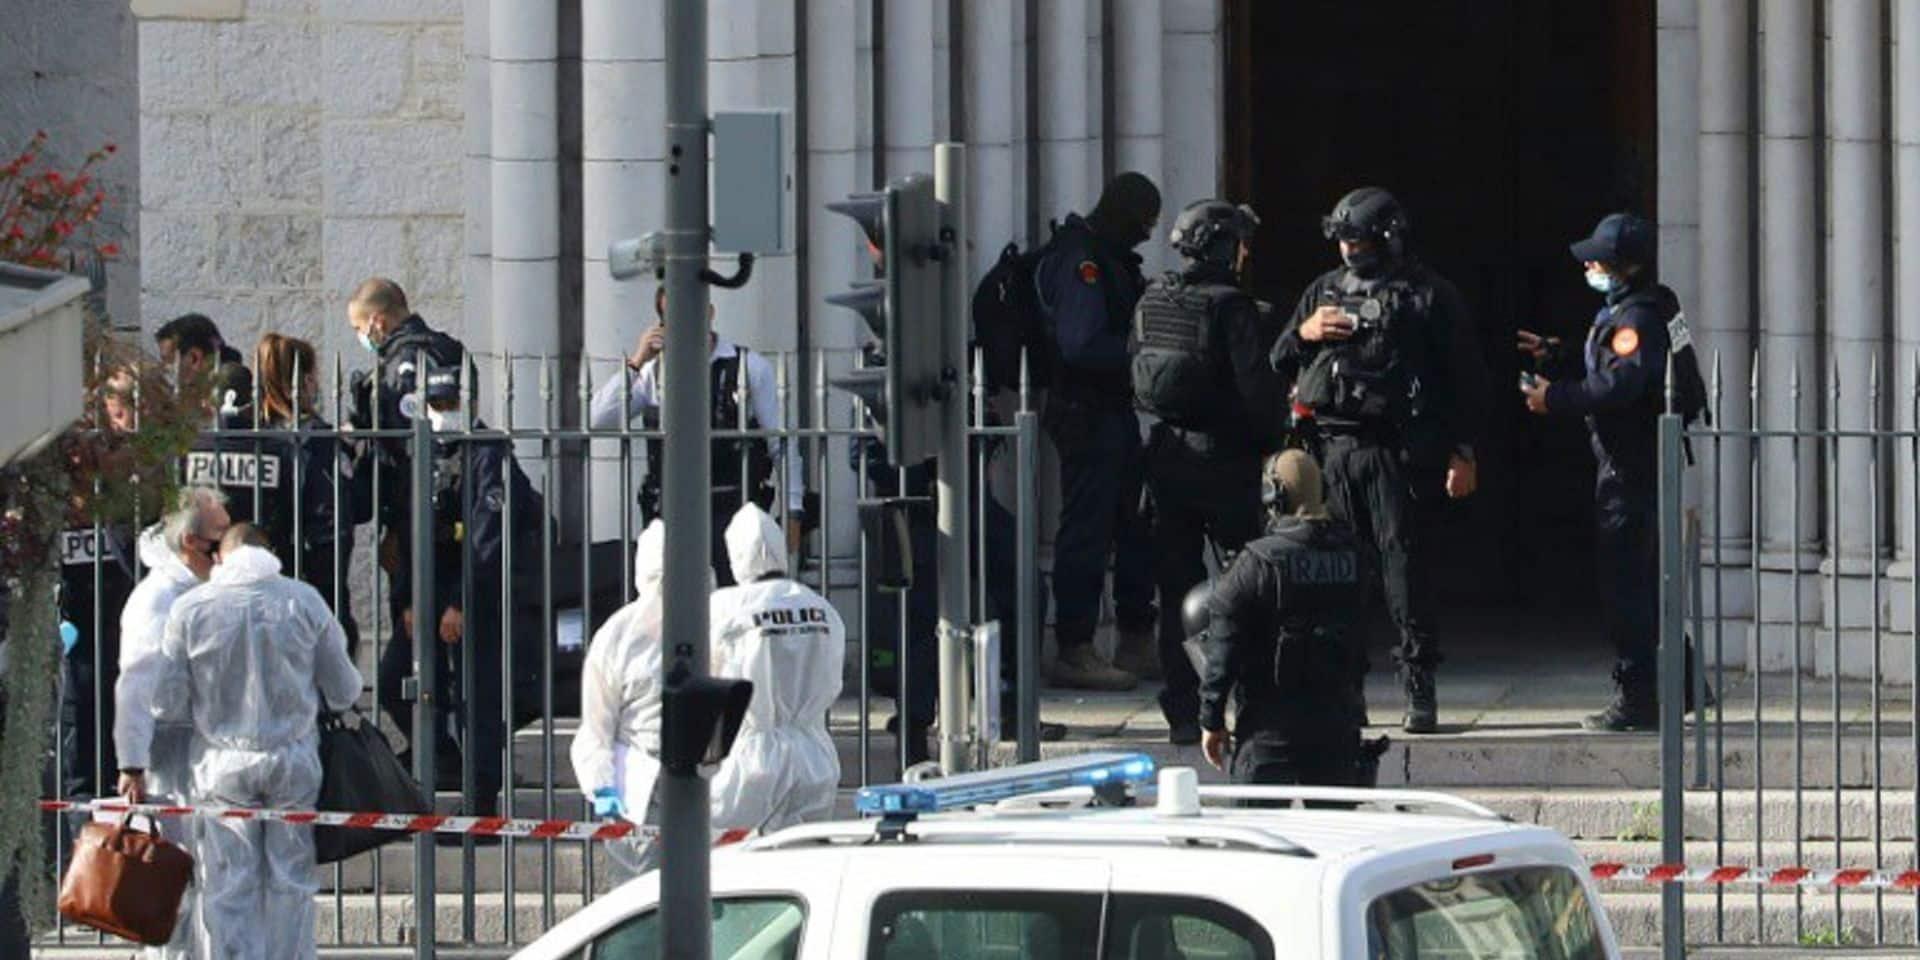 Attentat à la basilique de Nice: l'assaillant possédait une photo du tueur de Samuel Paty dans son téléphone